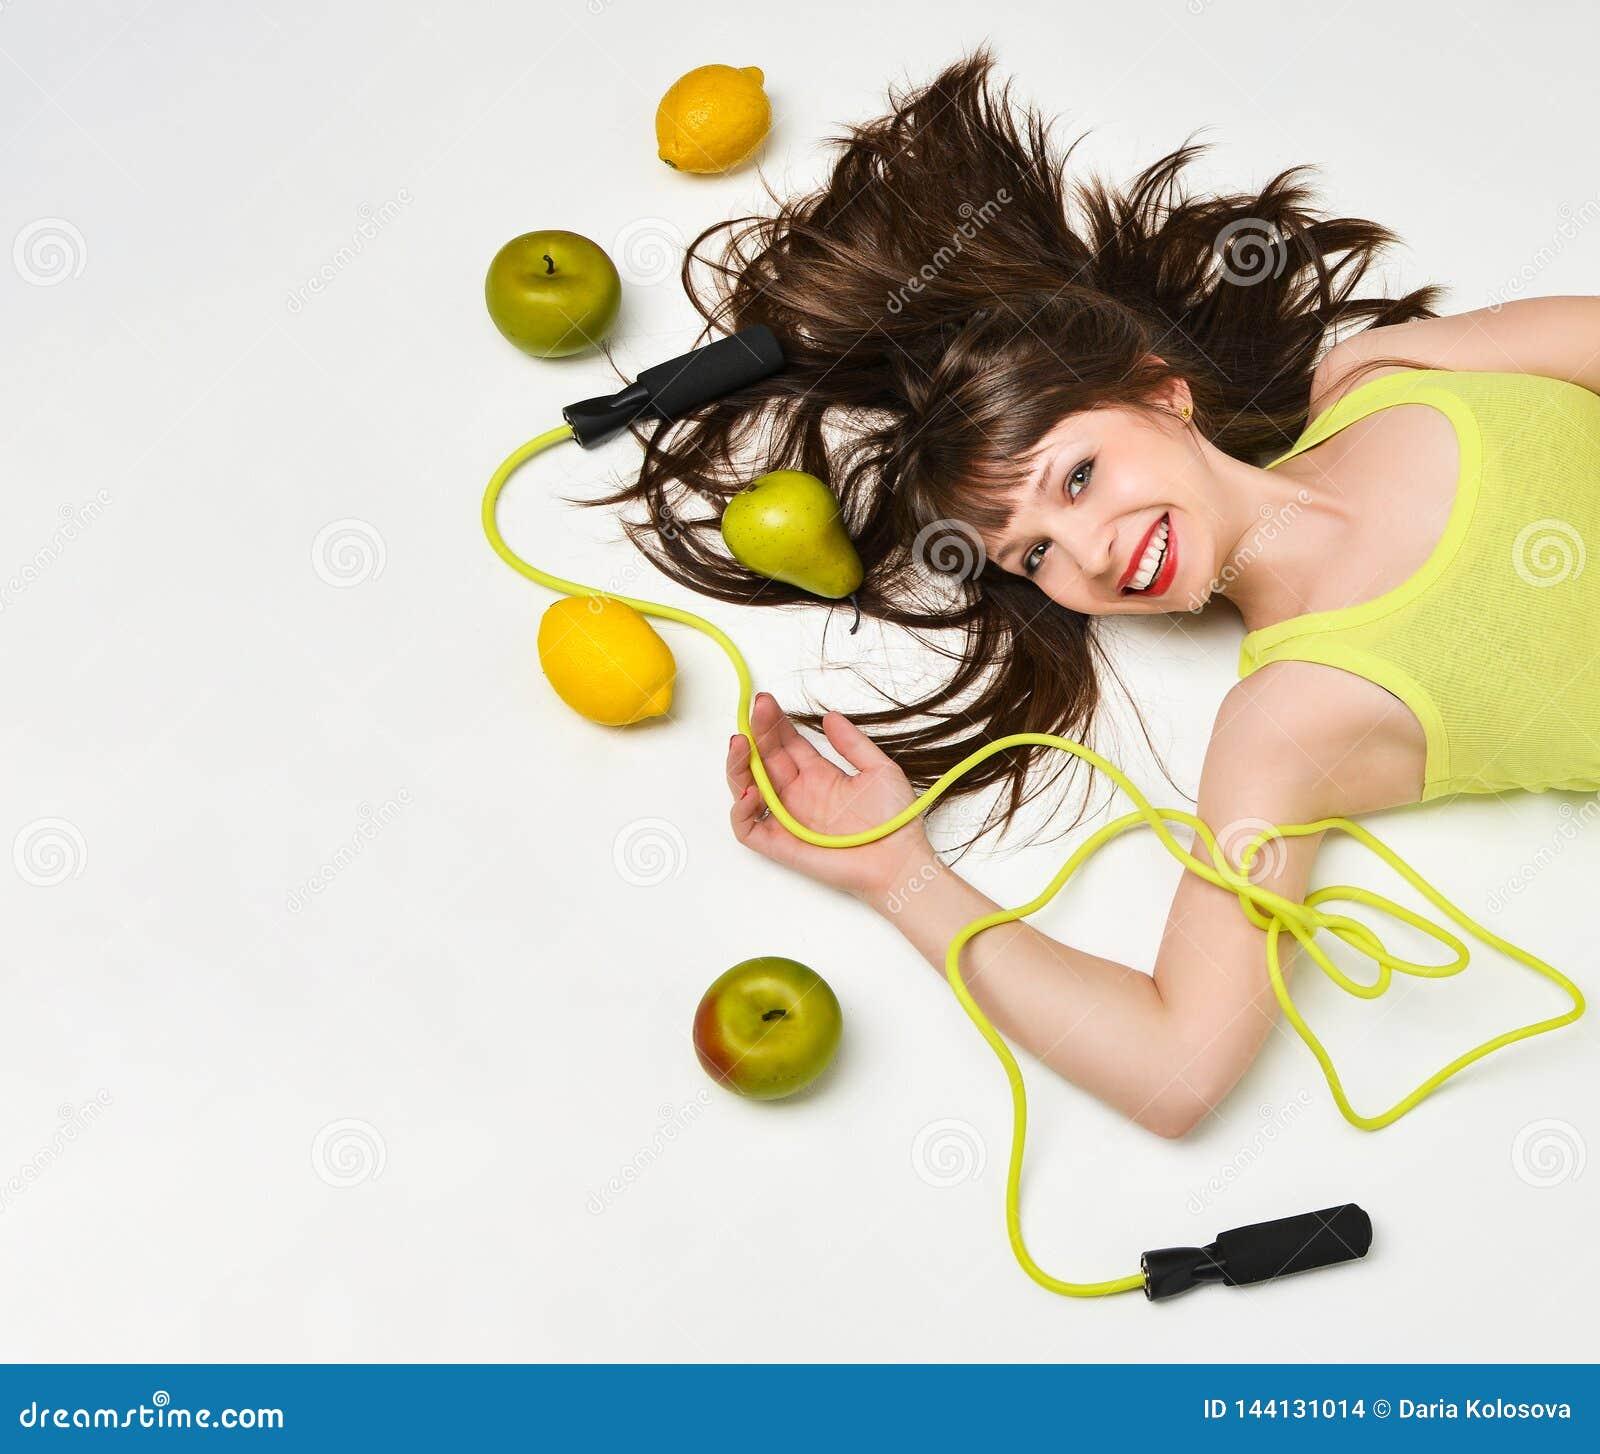 Retrato da beleza de uma mulher cercada por frutos e de uma corda de salto que encontra-se no assoalho